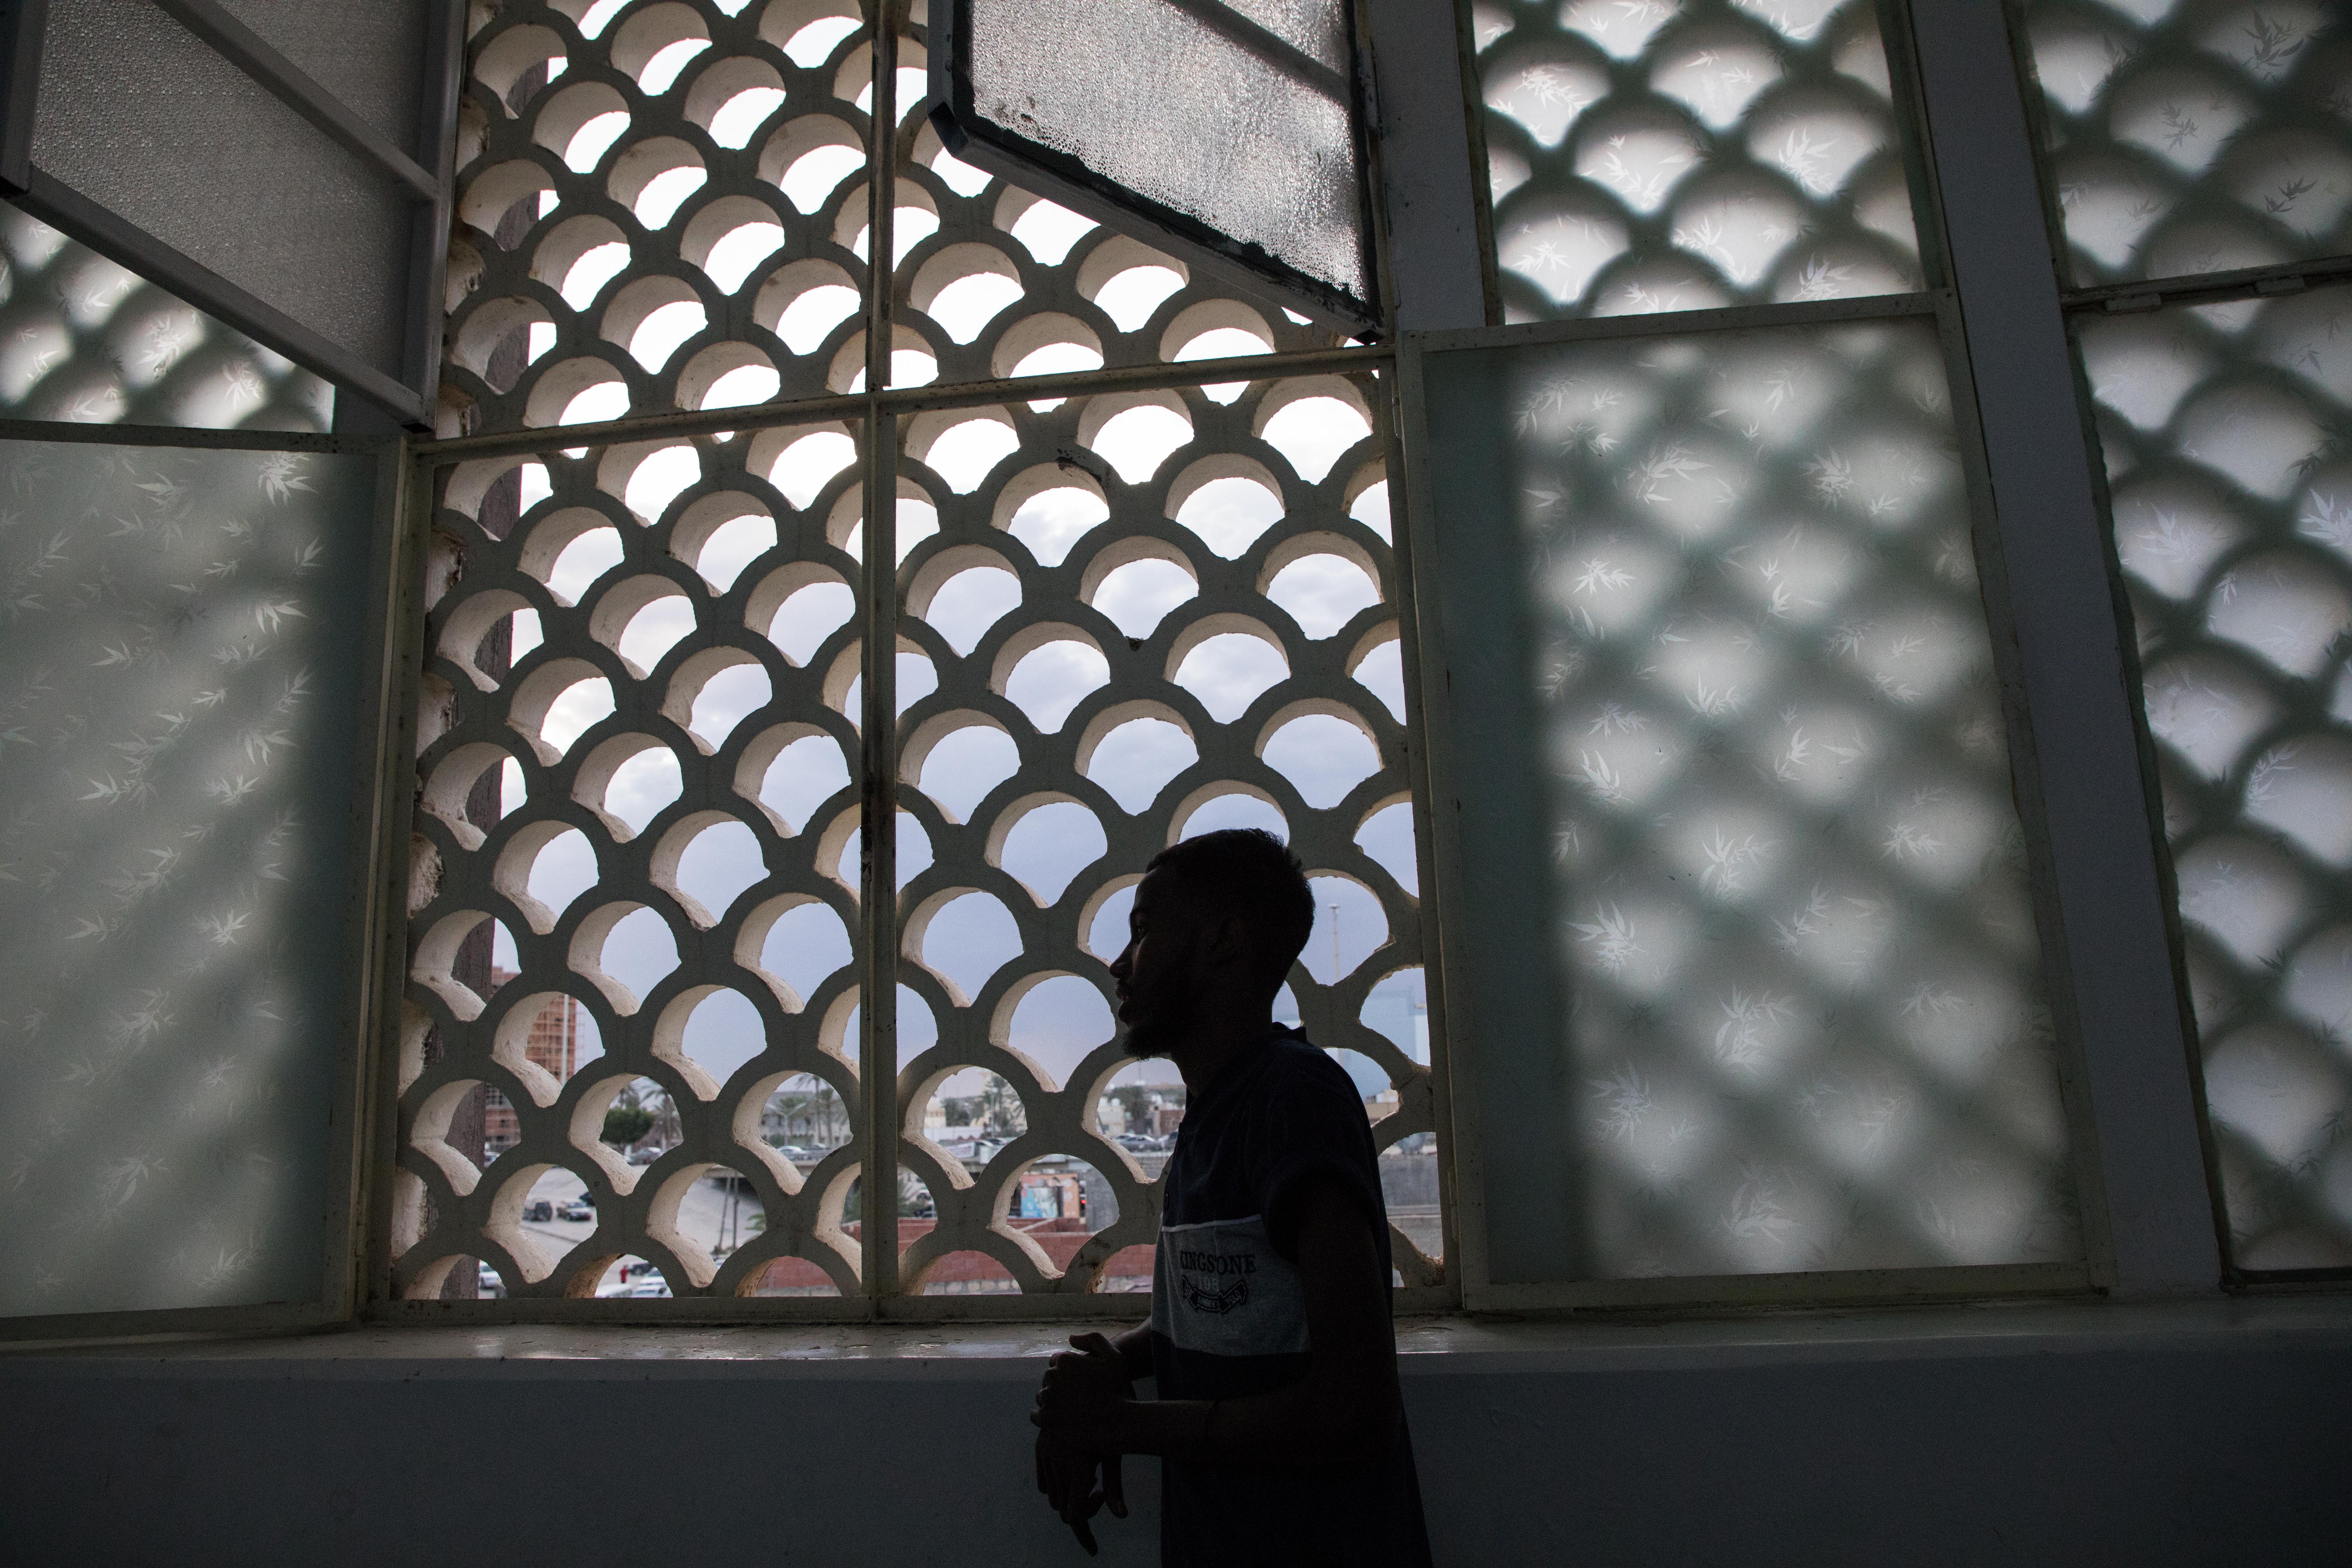 «En février dernier, les garde-côtes libyens ont rattrapé le bateau sur lequel j'essayais de quitter la Libye. Après l'arrestation, j'ai été conduit au centre de détention de Souk Al Khamis, dans la ville de Khoms. Mon nom est Youssef*, j'ai 21 ans et suis originaire de Mogadiscio, en Somalie. Des équipes du HCR sont venus nous voir à Souk Al Khamis et m'ont enregistré, j'attendais d'être transféré vers Tripoli. Quelques jours après, les gestionnaires du centre nous ont dit, à quelques Somaliens et moi-même, de monter à bord de 2 minibus. Enfin, nous allions être transférés. Ça, c'était ce que je pensais. Mais après plusieurs heures de bus, nous nous enfoncions de plus en plus dans le désert. C'est à ce moment-là que j'ai réalisé que nous ne roulions pas vers Tripoli, mais que nous risquions d'être vendus à des trafiquants. Ce risque s'est confirmé quand j'ai repéré des hommes armés qui s'approchaient à bord de leurs pick-up. Dans la hâte et la peur, nous avons tous décidé d'essayer de nous échapper par surprise, quitte à y perdre la vie. Au moins deux personnes sont mortes dans la fusillade qui a suivi.Je fais partie du groupe qui a réussi à fuir jusqu'à atteindre, à l'aube, une petite ville dont je ne connais pas le nom. Là-bas, un vieil homme libyen nous a offert de quoi boire et de quoi manger, et il est allé avertir les autorités de notre présence. On nous a emmenés au centre de détention de Sirte–nous y sommes restés 5 mois. Les équipes de MSF qui nous connaissaient à Souk Al Khamis sont venues plusieurs fois nous voir à Sirte pour soigner ceux qui étaient malades. Ensuite, nous avons été envoyés dans une autre prison, à Misrata. C'était vraiment la pire. Je ne me sentais pas bien et MSF m'a fait venir à l'hôpital pour me soigner de la tuberculose. J'ai appris que le centre de détention de Misrata a fermé et que le groupe avec lequel j'ai survécu à cette aventure a dû aller à Souk Al Khamis, là où on a essayé de nous vendre… Retour à la case départ.»Youssef*, 